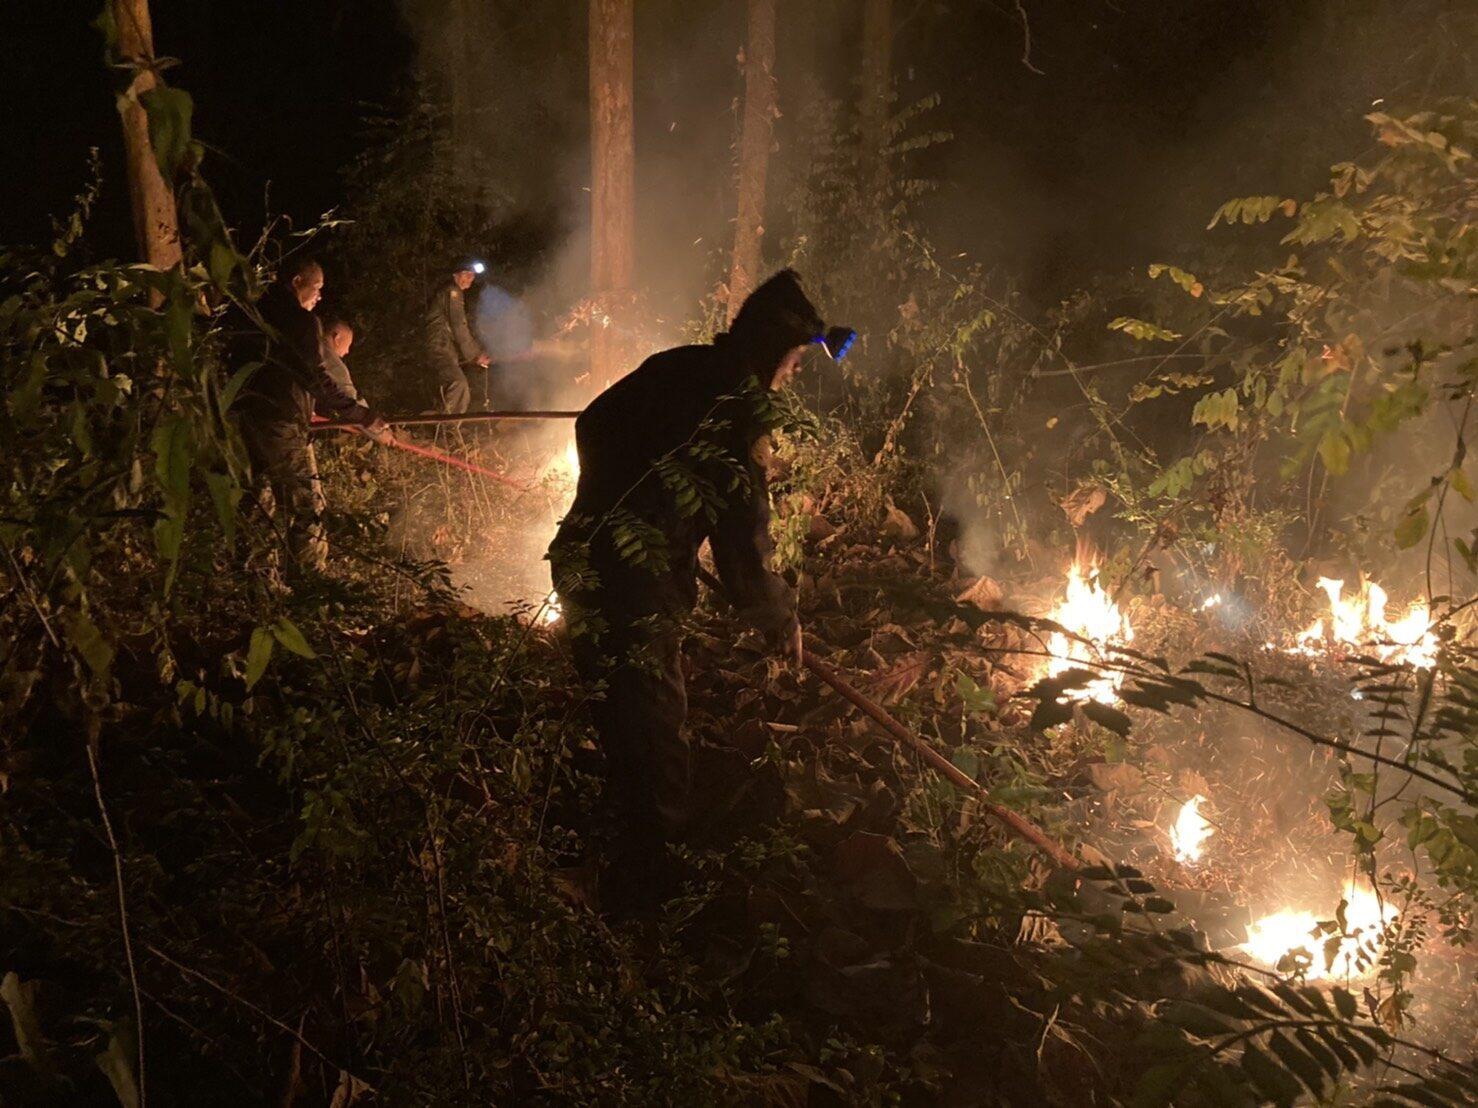 เฝ้าระวังพื้นที่! เร่งดับไฟสวนป่าสักของ อ.อ.ป. หลังพบไหม้ลาม 5 ไร่